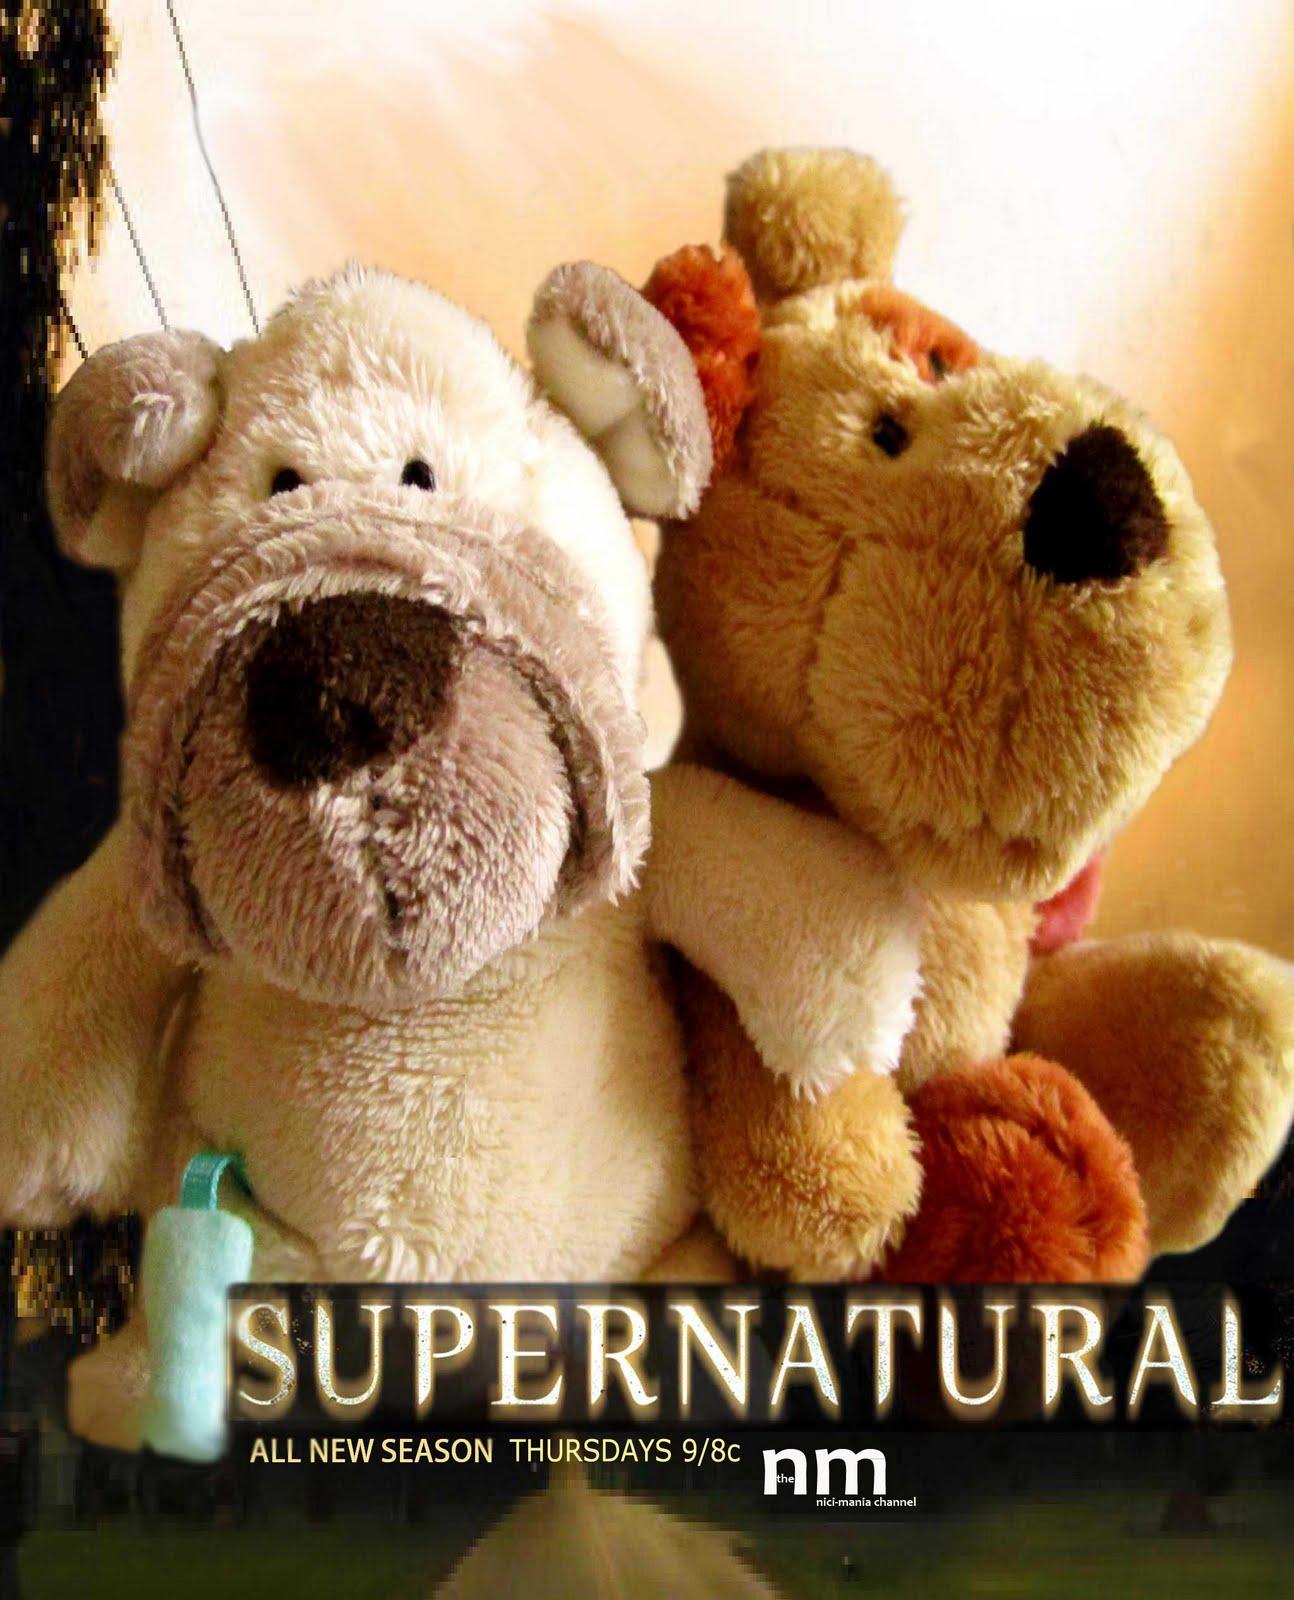 http://1.bp.blogspot.com/-Y-E3mzwesRY/TXCjwZ9lISI/AAAAAAAAA5Q/5qjbgJckaf8/s1600/Supernatural-nici%2B1.jpg